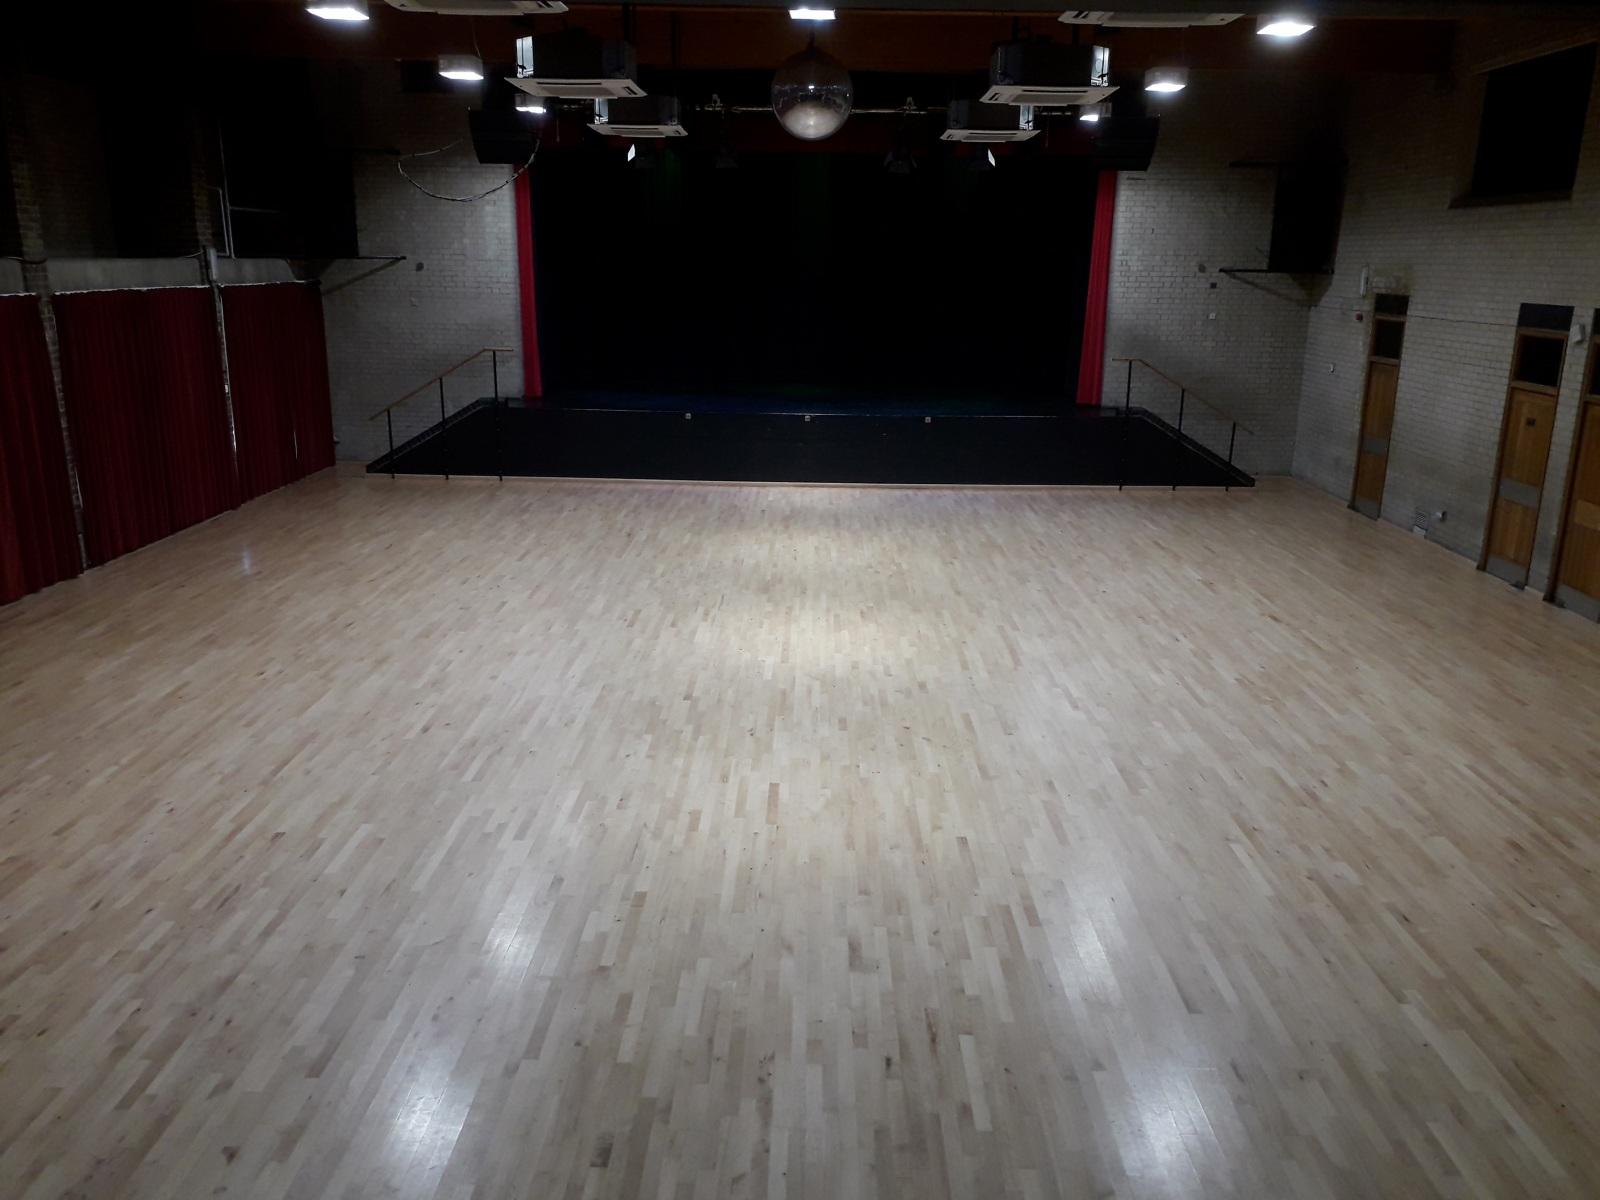 Auditorium0